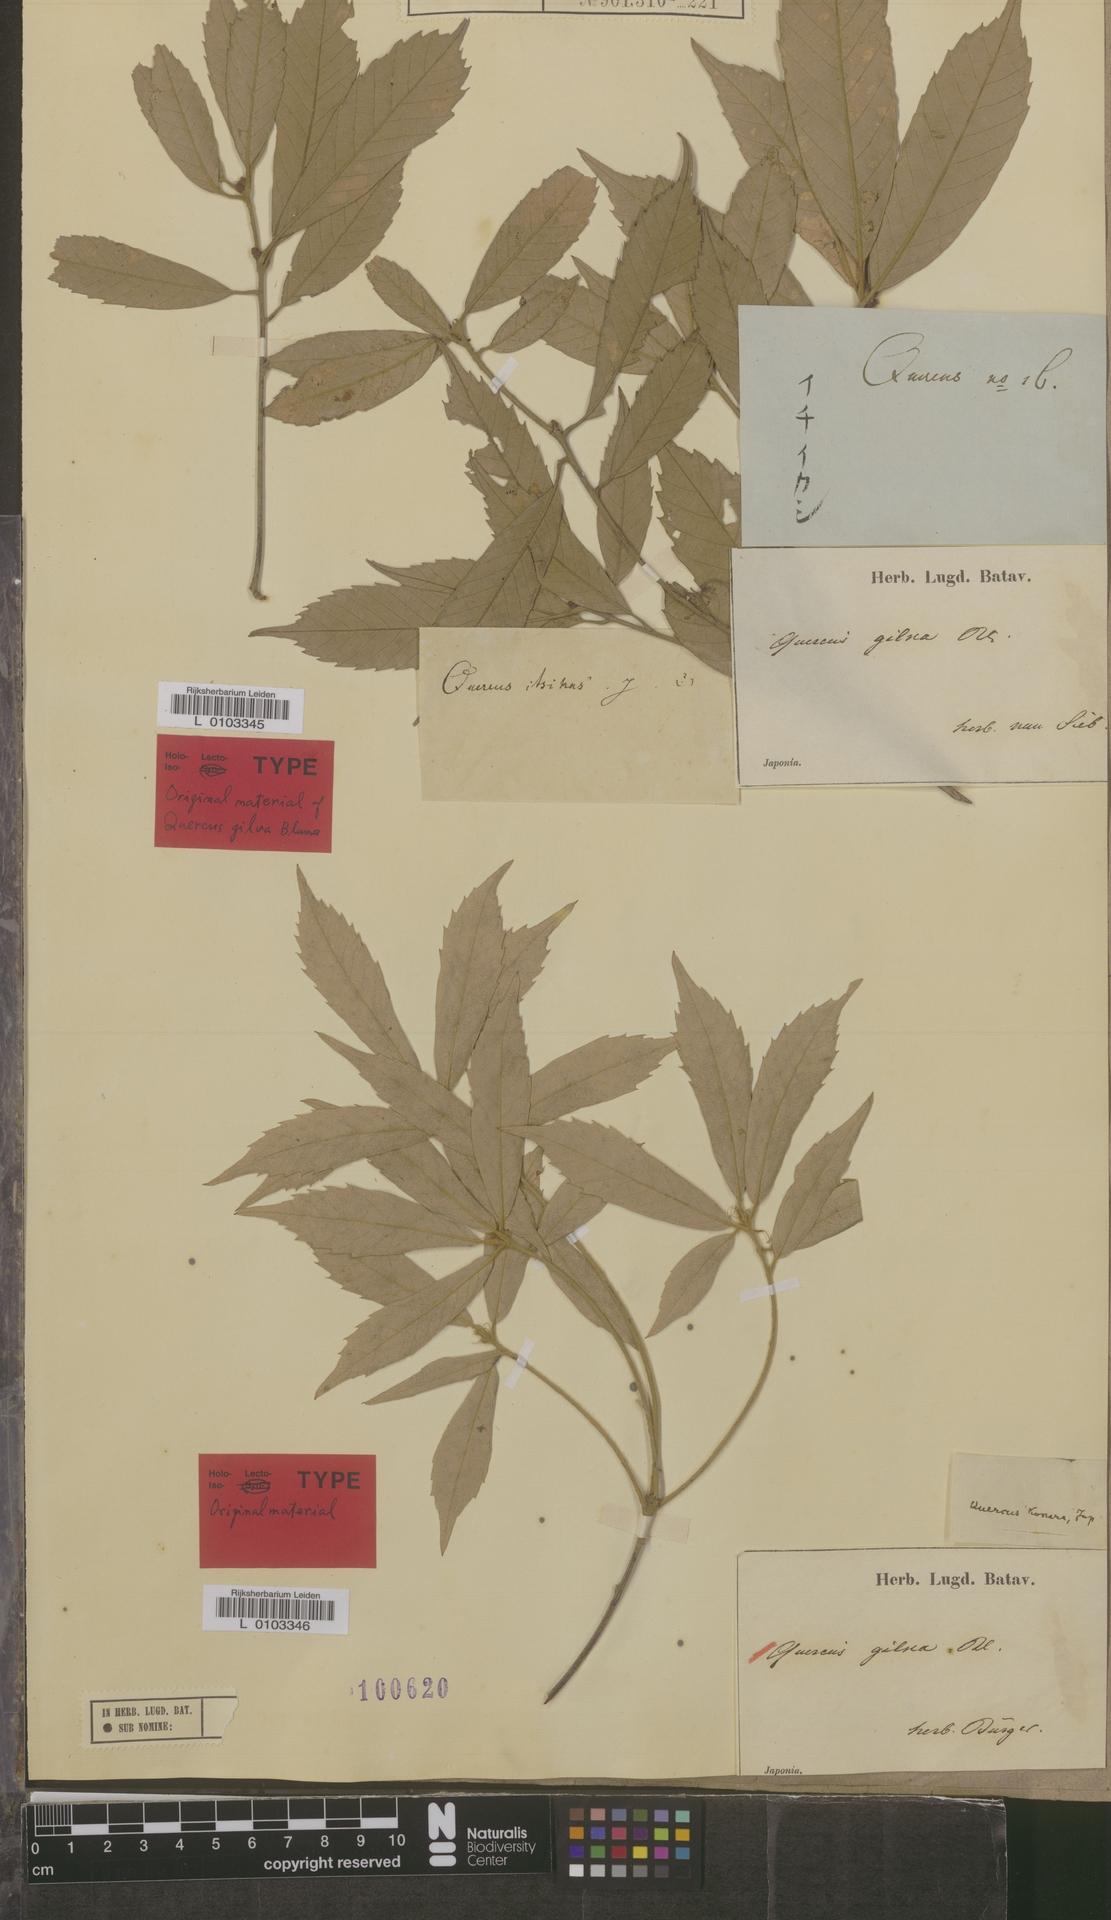 L  0103345   Quercus gilva Blume